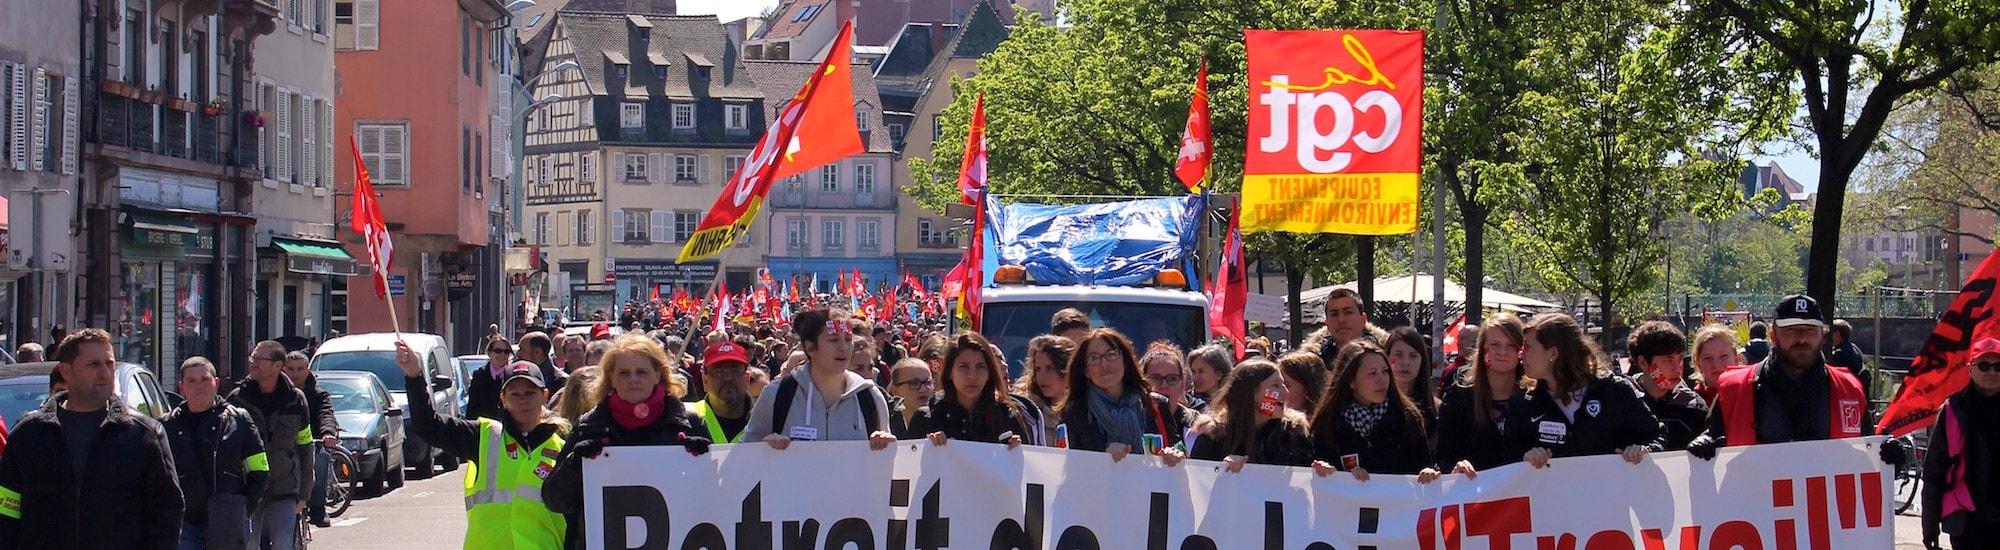 Mercredi matin, manif de soutien à des syndicalistes poursuivis